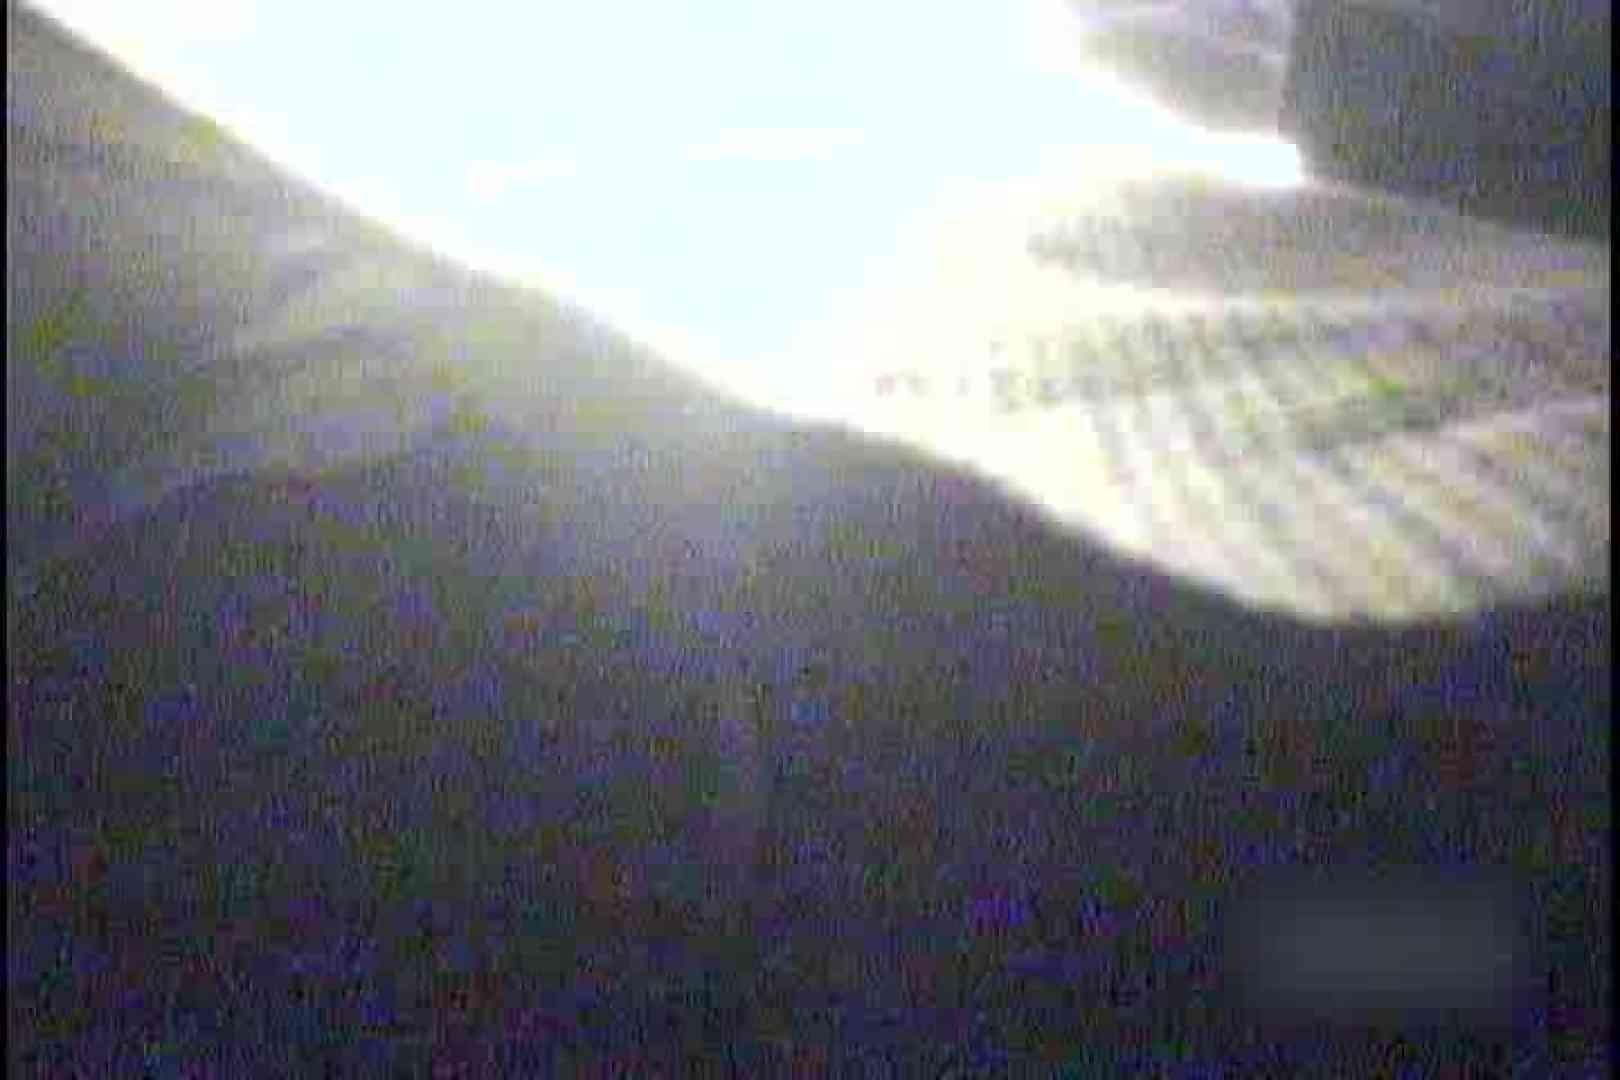 私鉄沿線美女限定パンティー丸覗き!!vol.03 車 ワレメ無修正動画無料 100画像 54